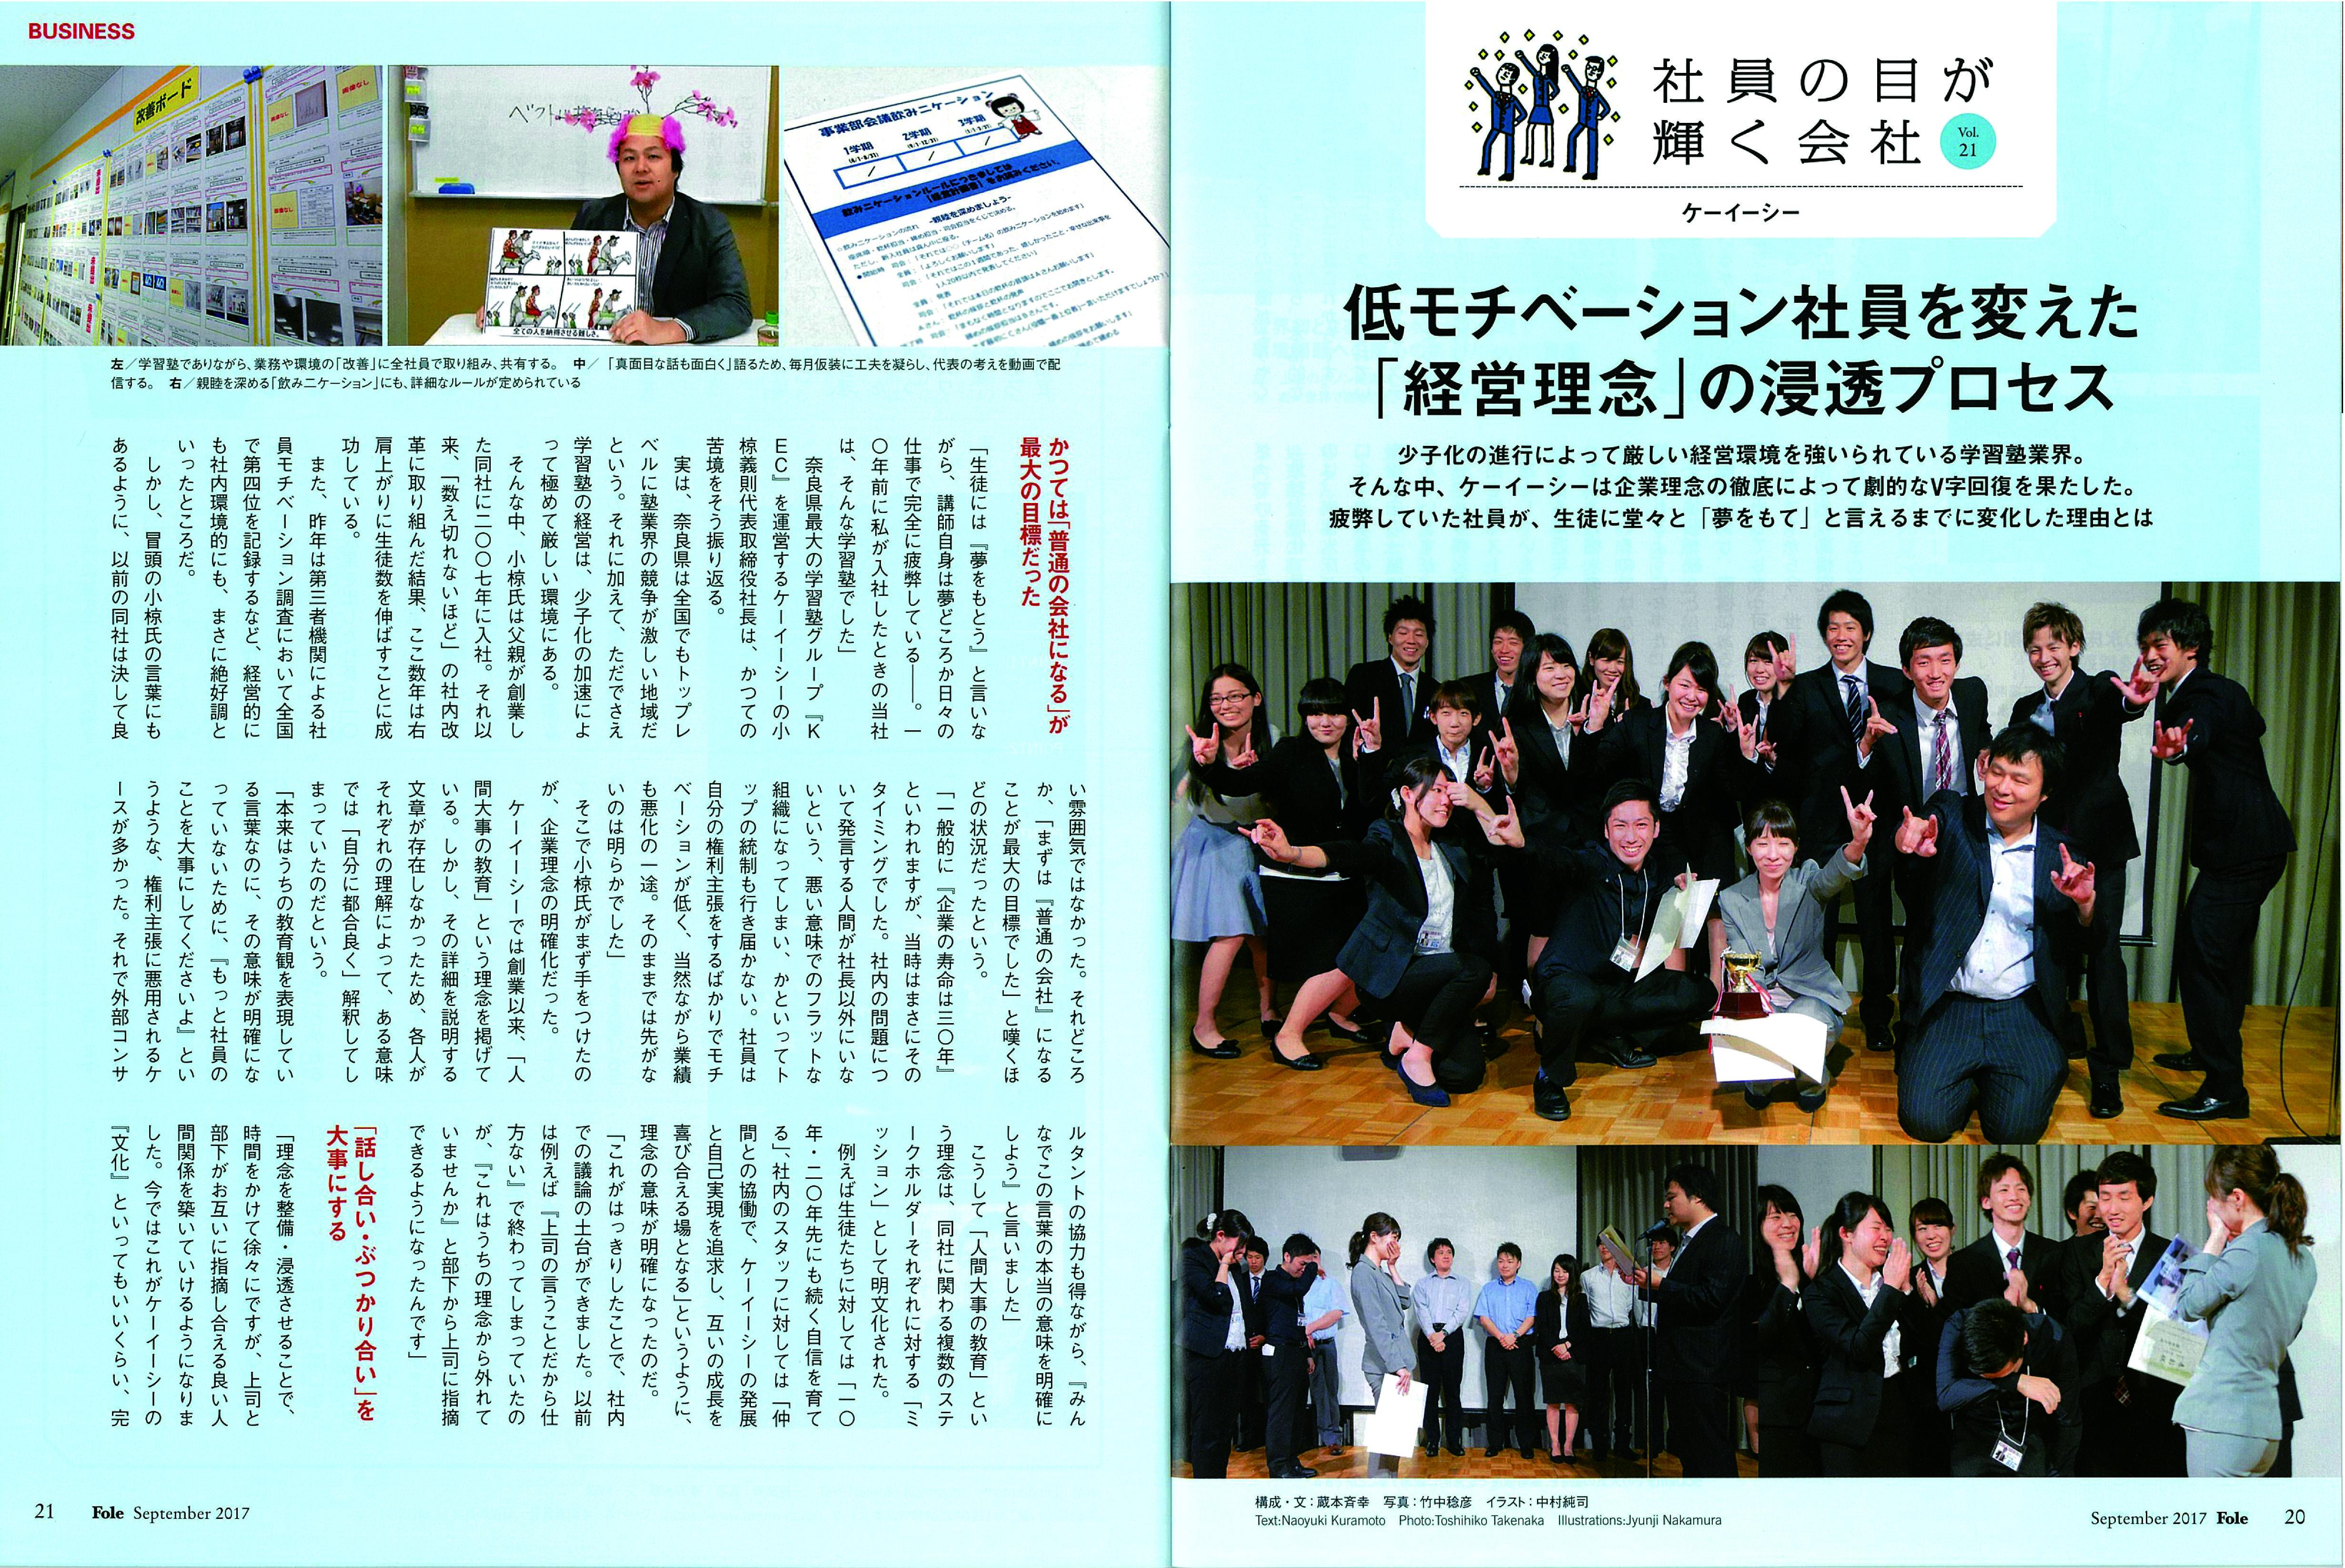 https://www.kec.gr.jp/corp/news/fole1.jpg